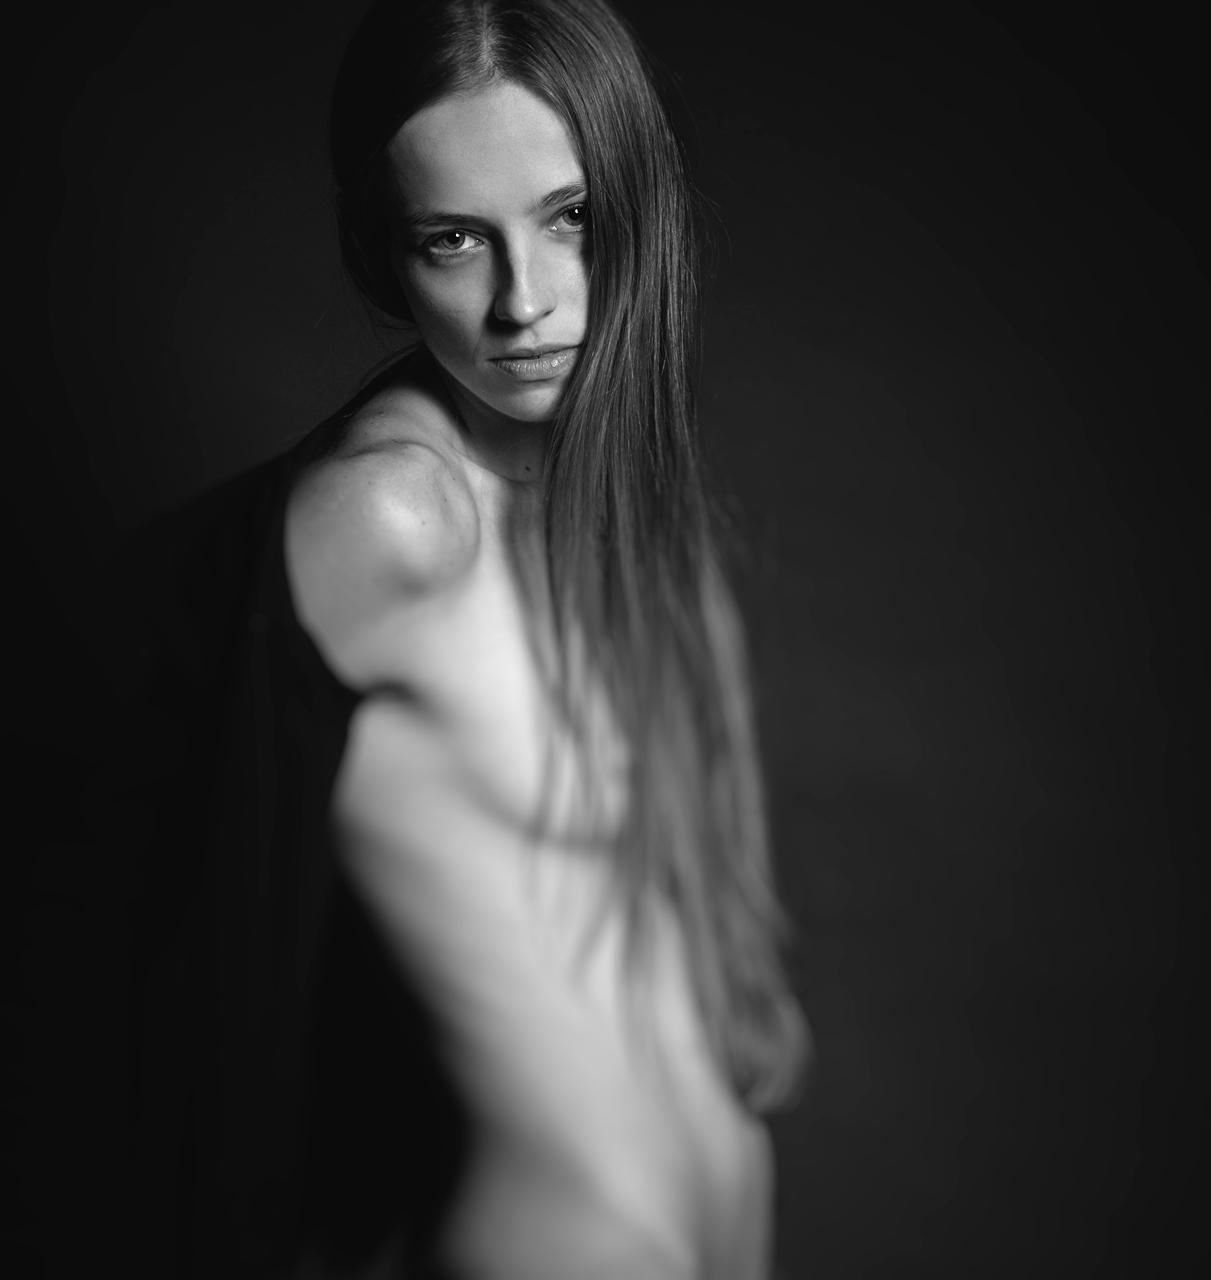 Nude portrait Ню портрет девушка Евгений Яценко Варганчик Varganshik